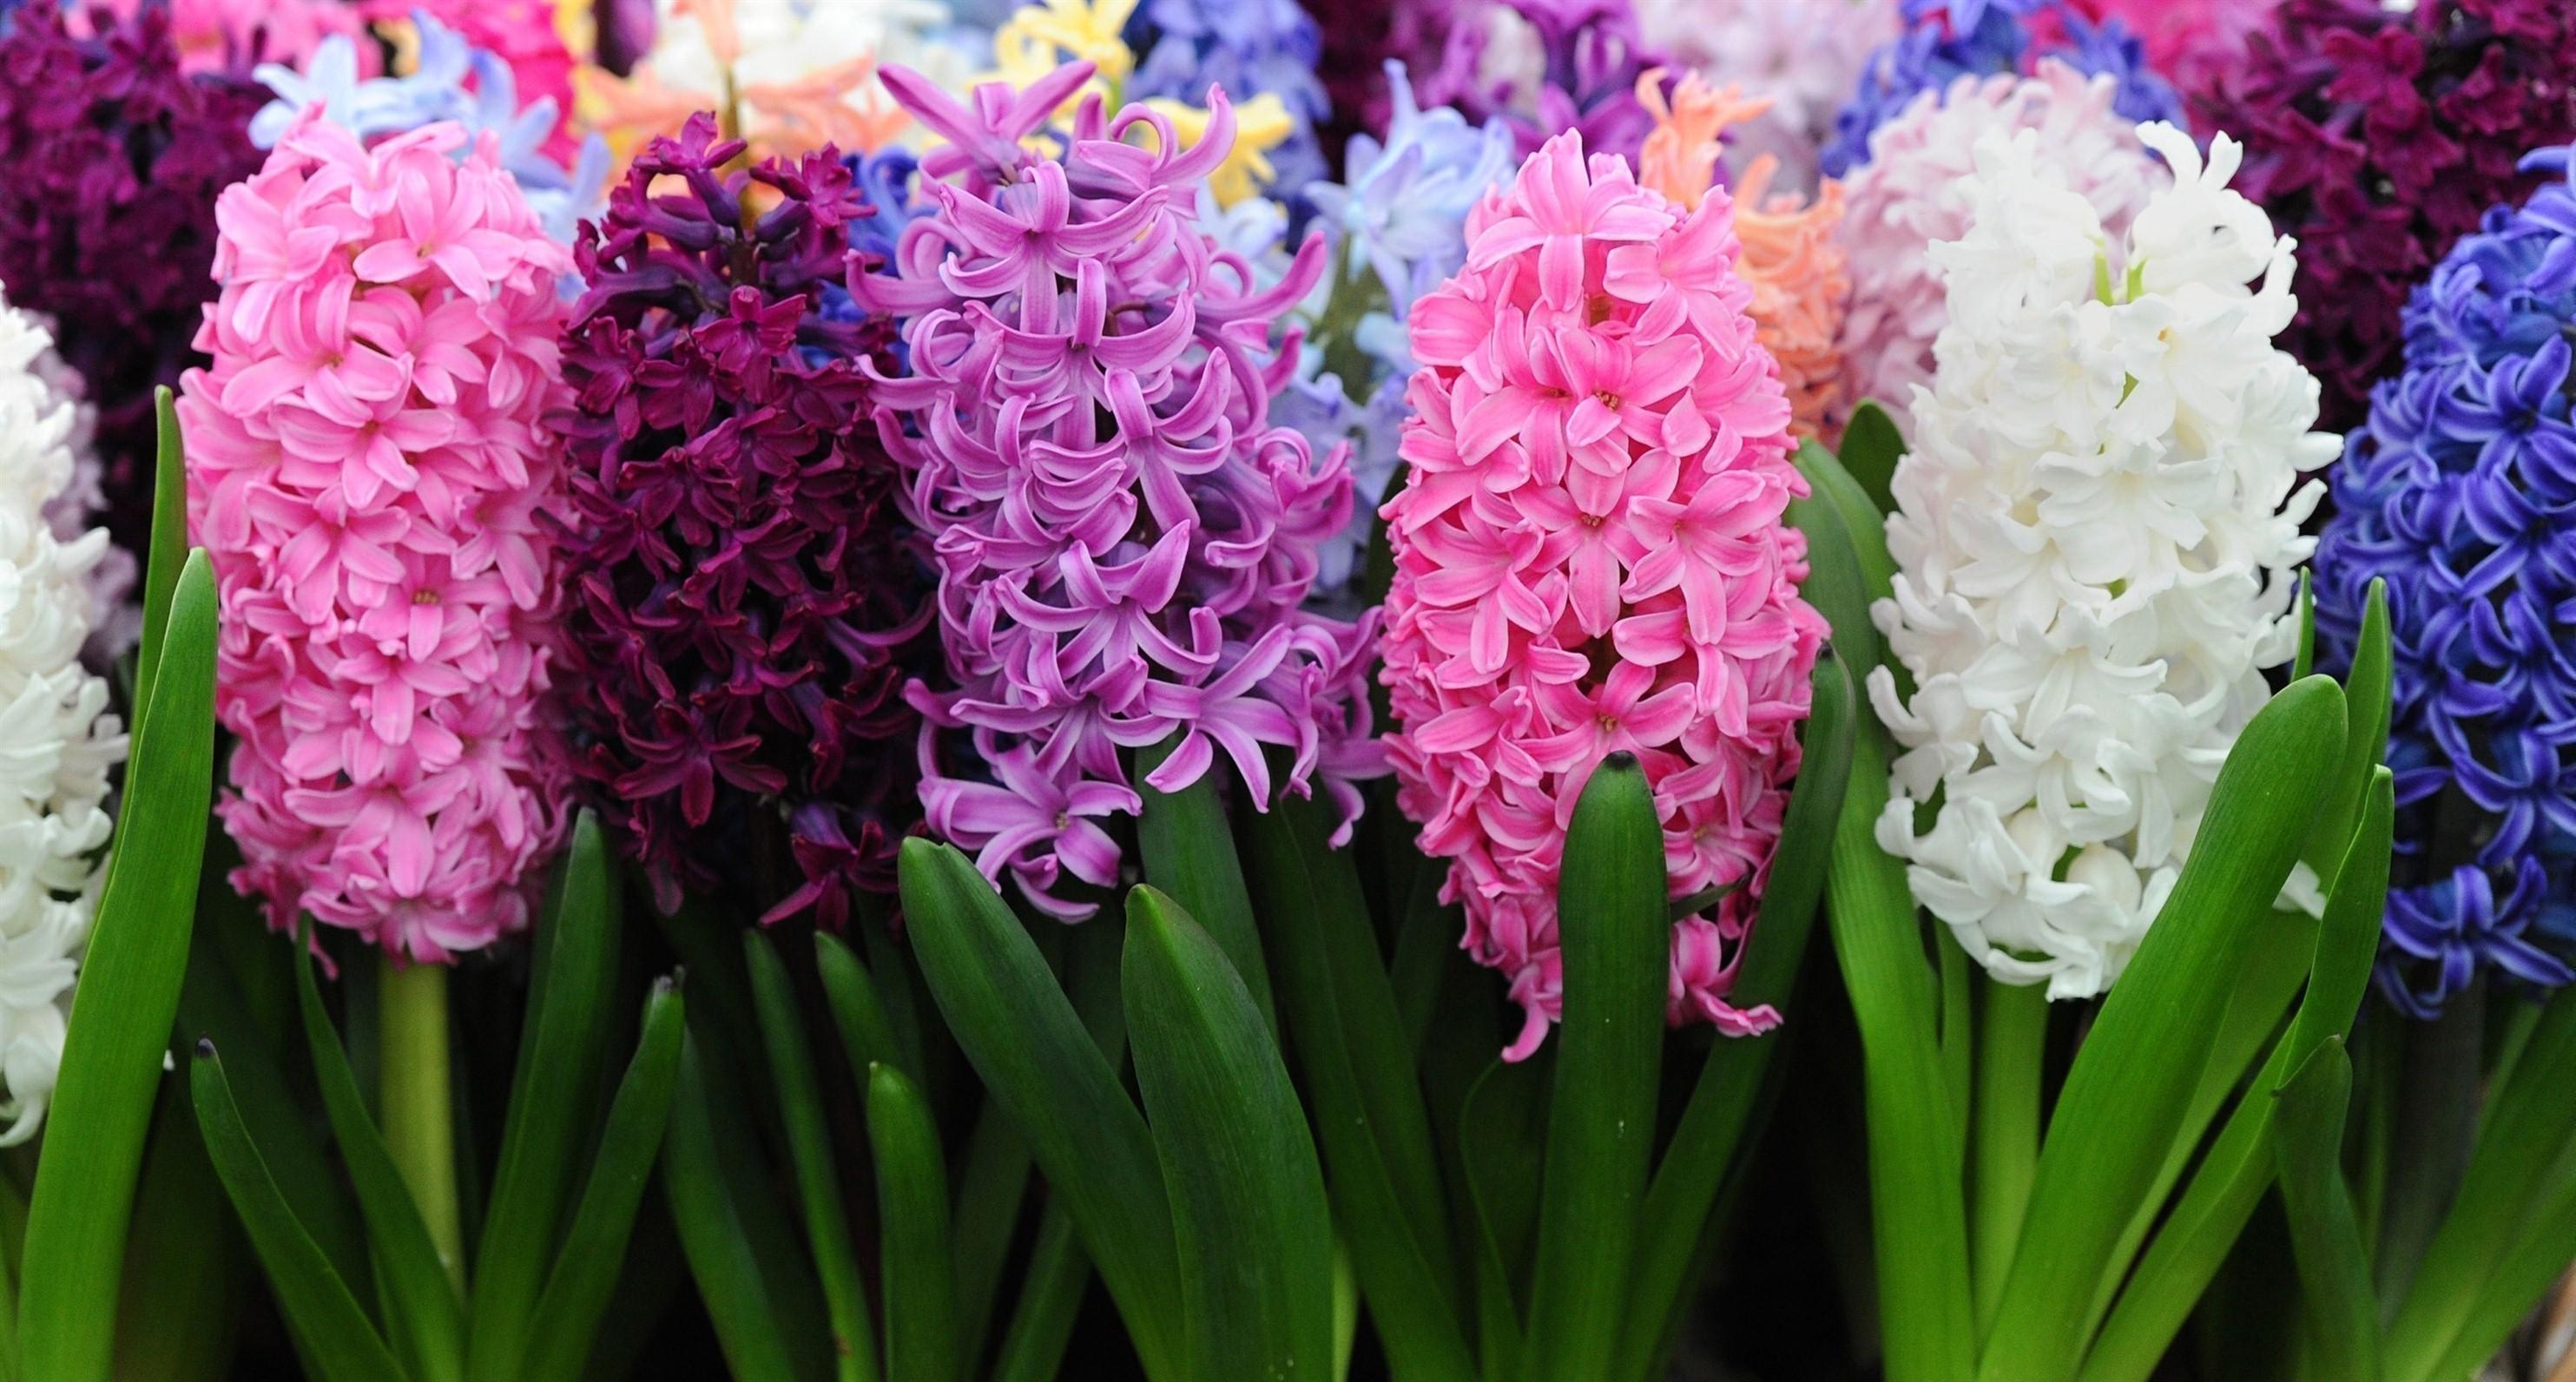 Цветы гиацинты и картинки